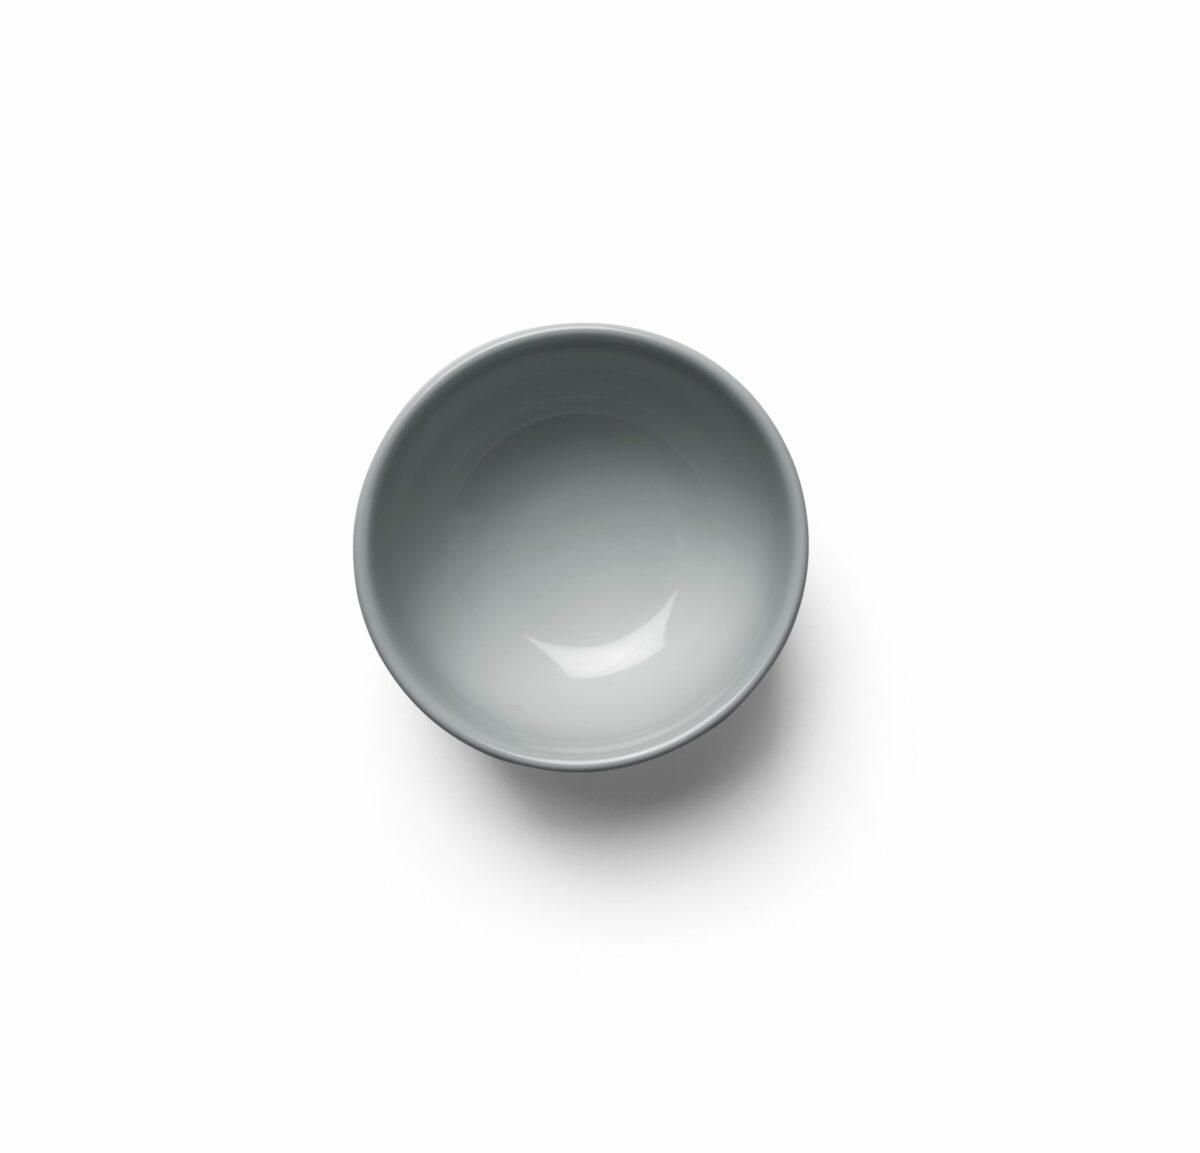 2033710 New Norm Bowl O75 cm Ocean Norm 02